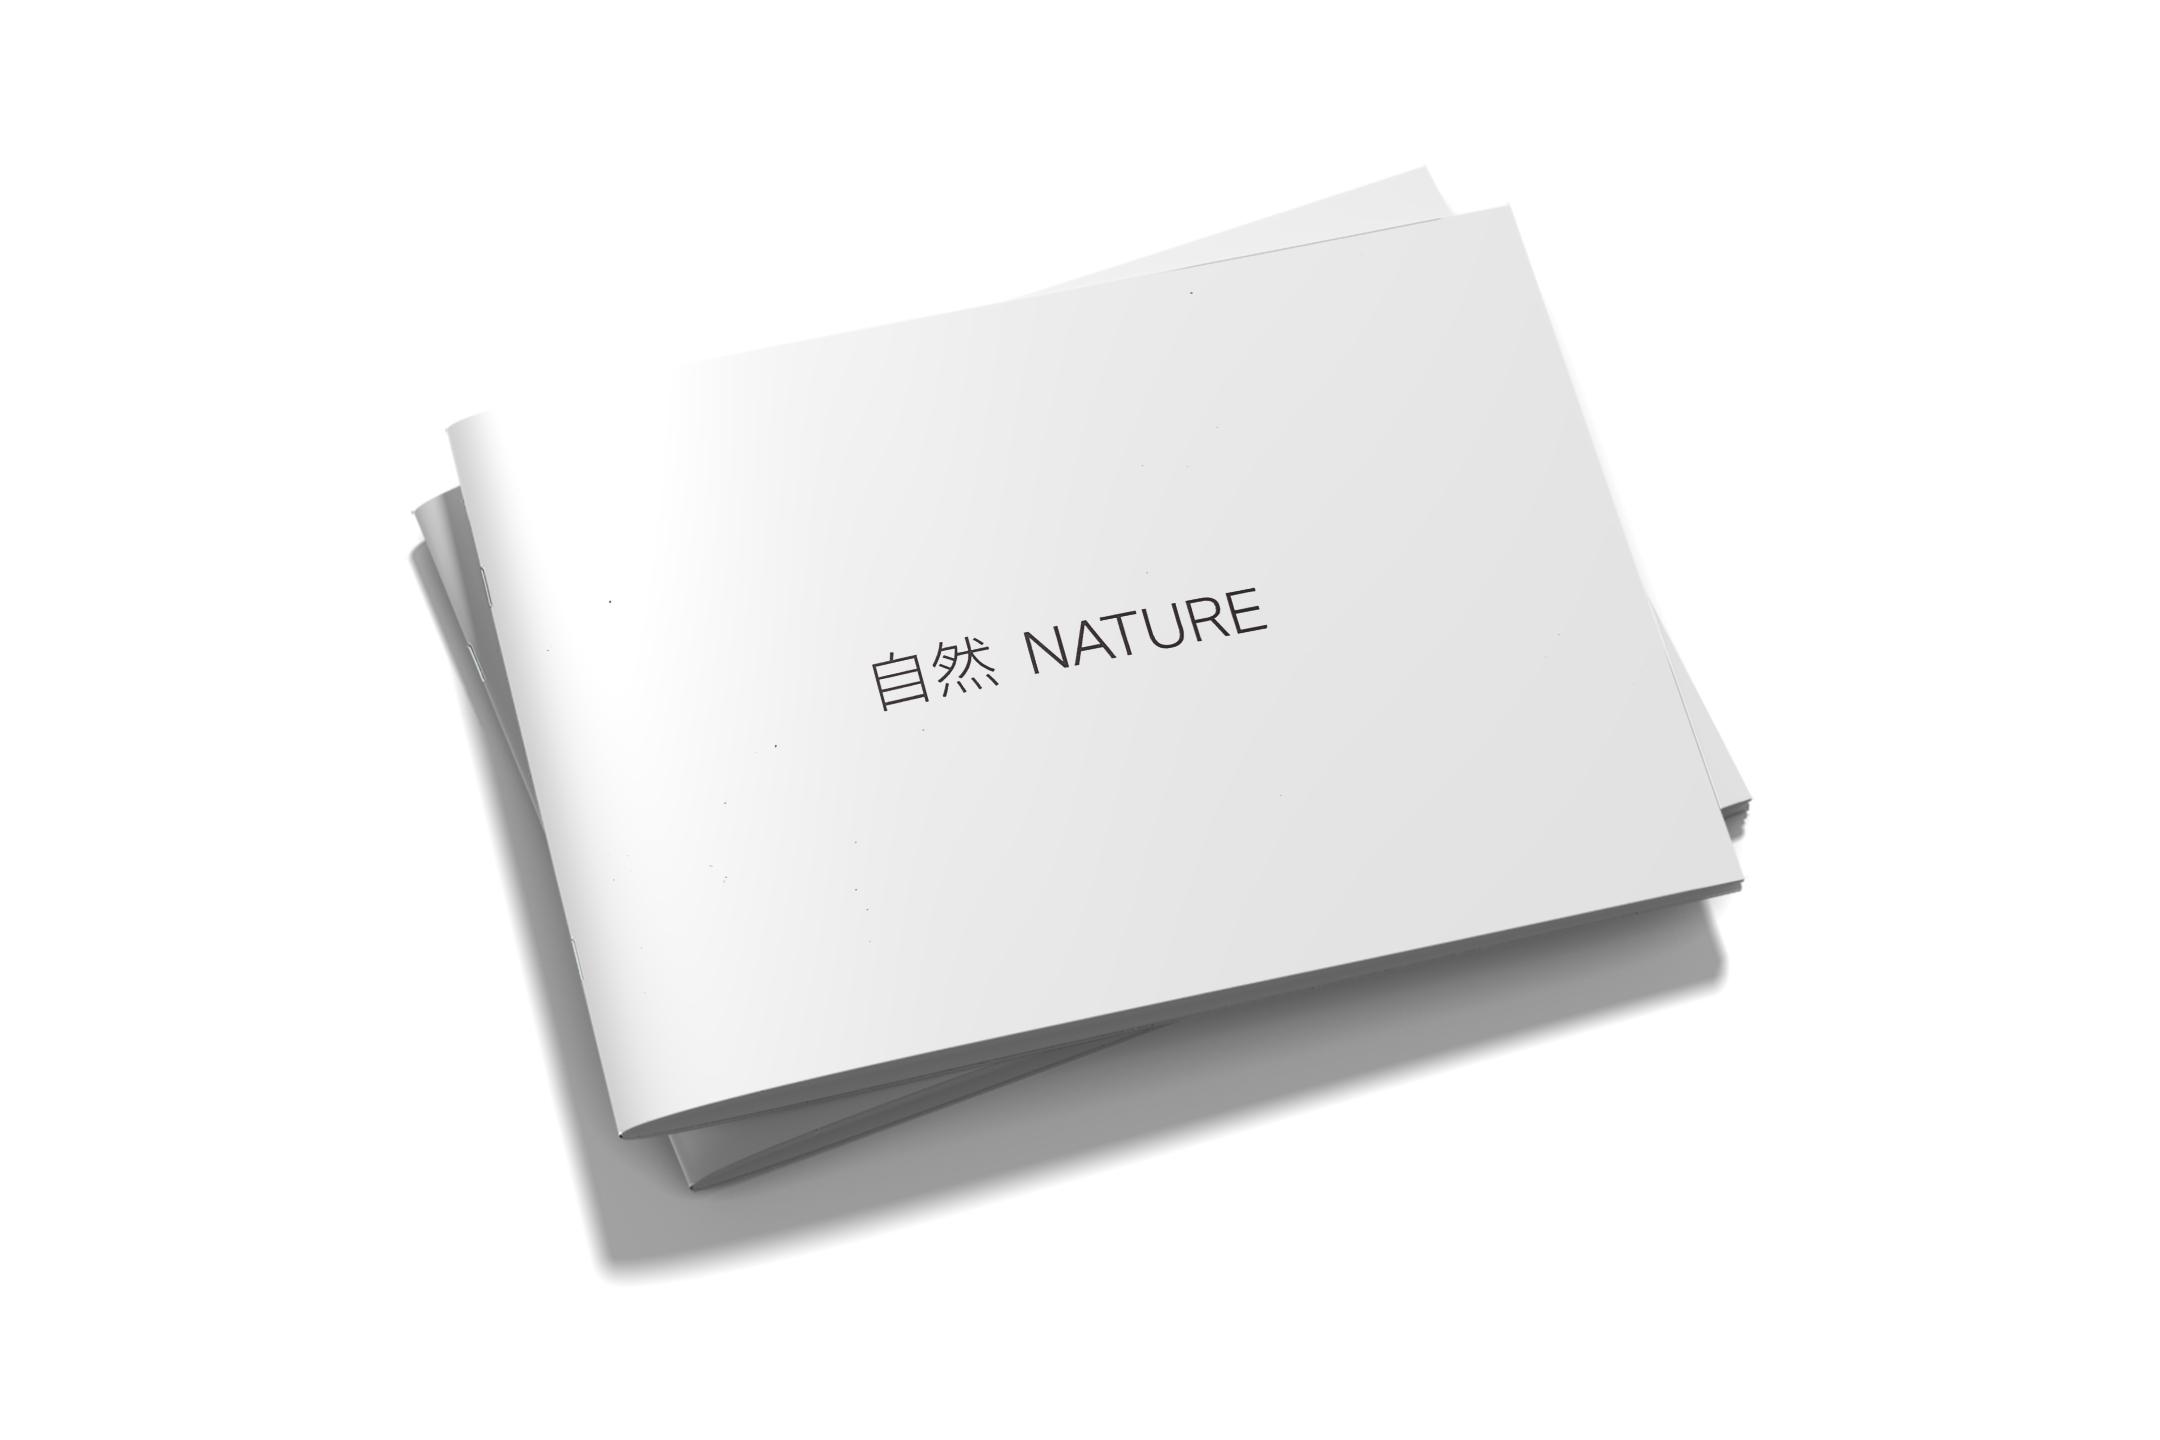 nature_01.jpg